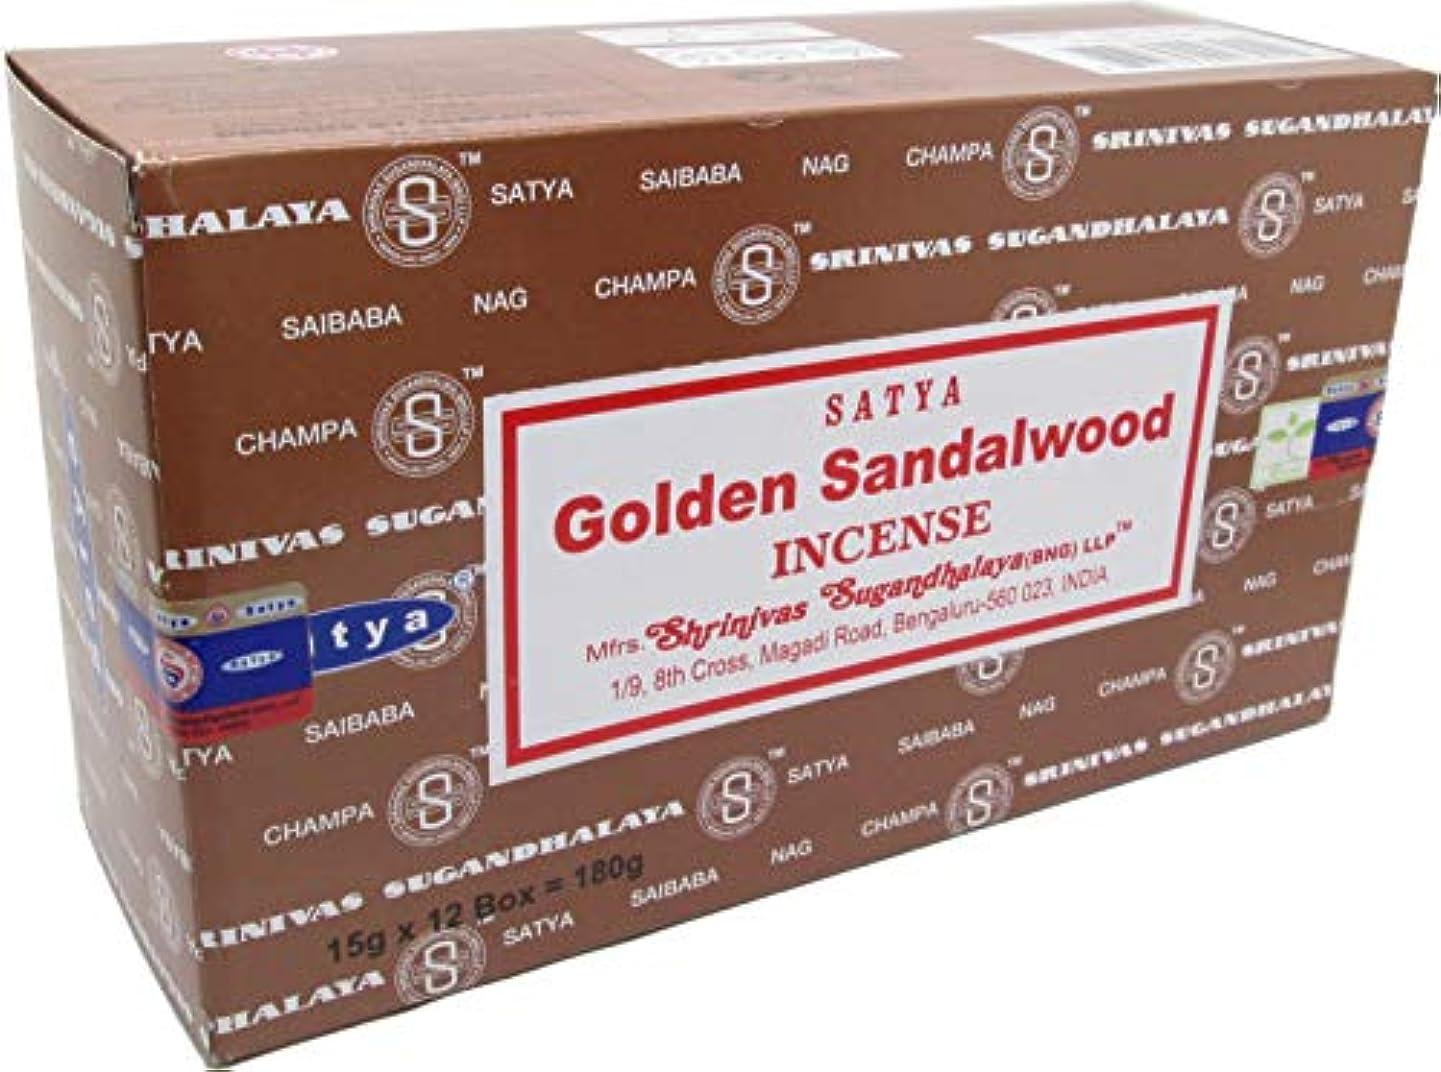 継承大量疾患Cultural Exchange Satya Sai Baba ゴールデンサンダルウッドお香スティック [プリパック] 15 grams ブラウン 152068